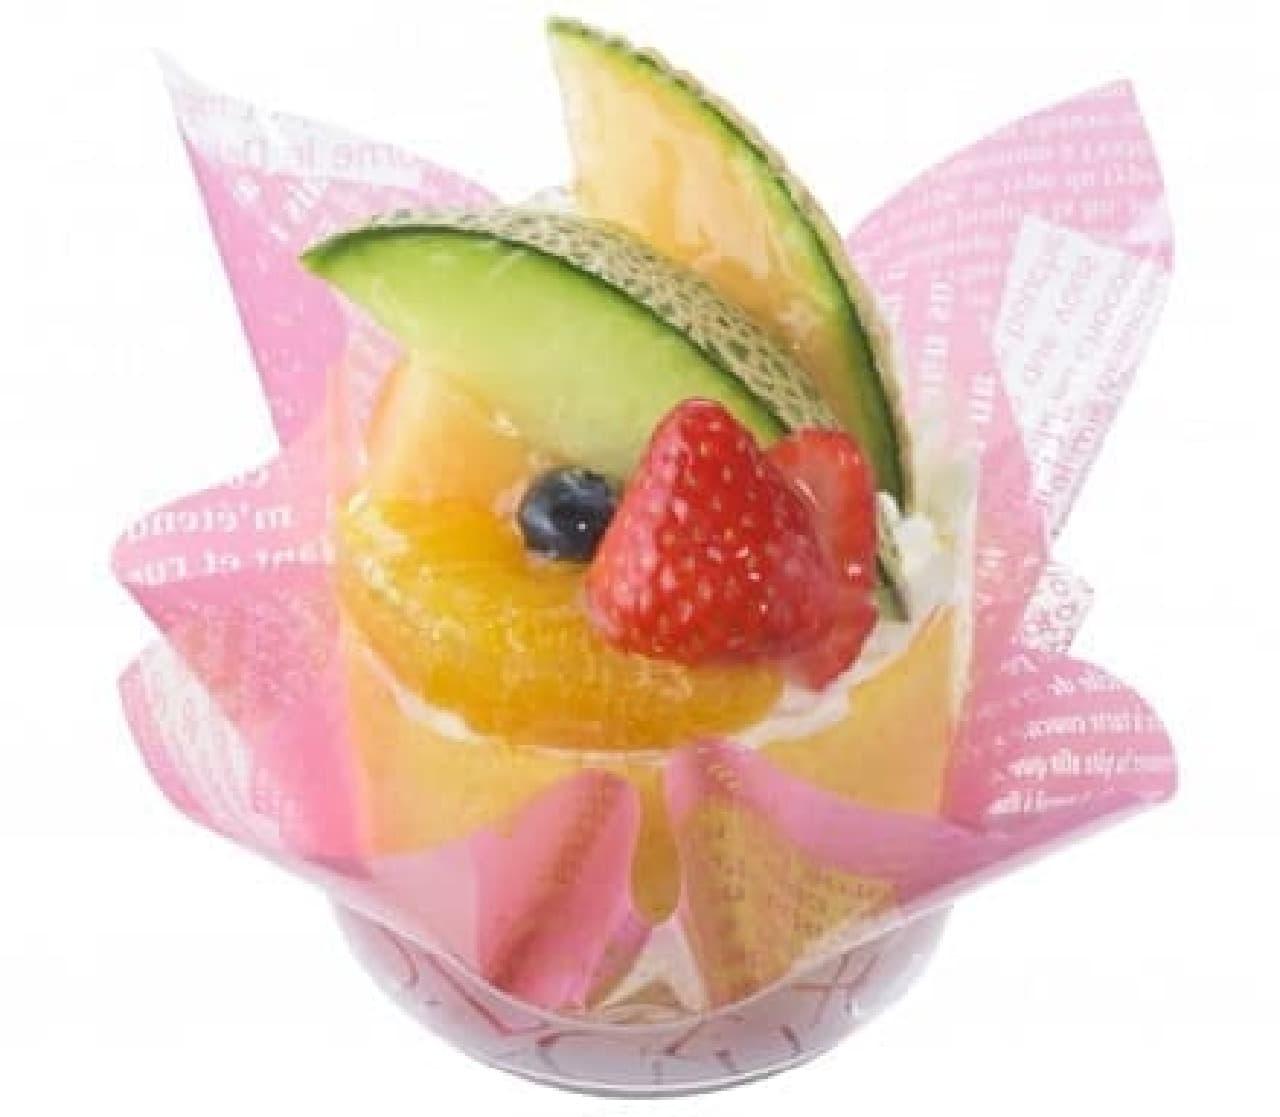 銀座コージーコーナー「旬の贅沢フルーツロール」